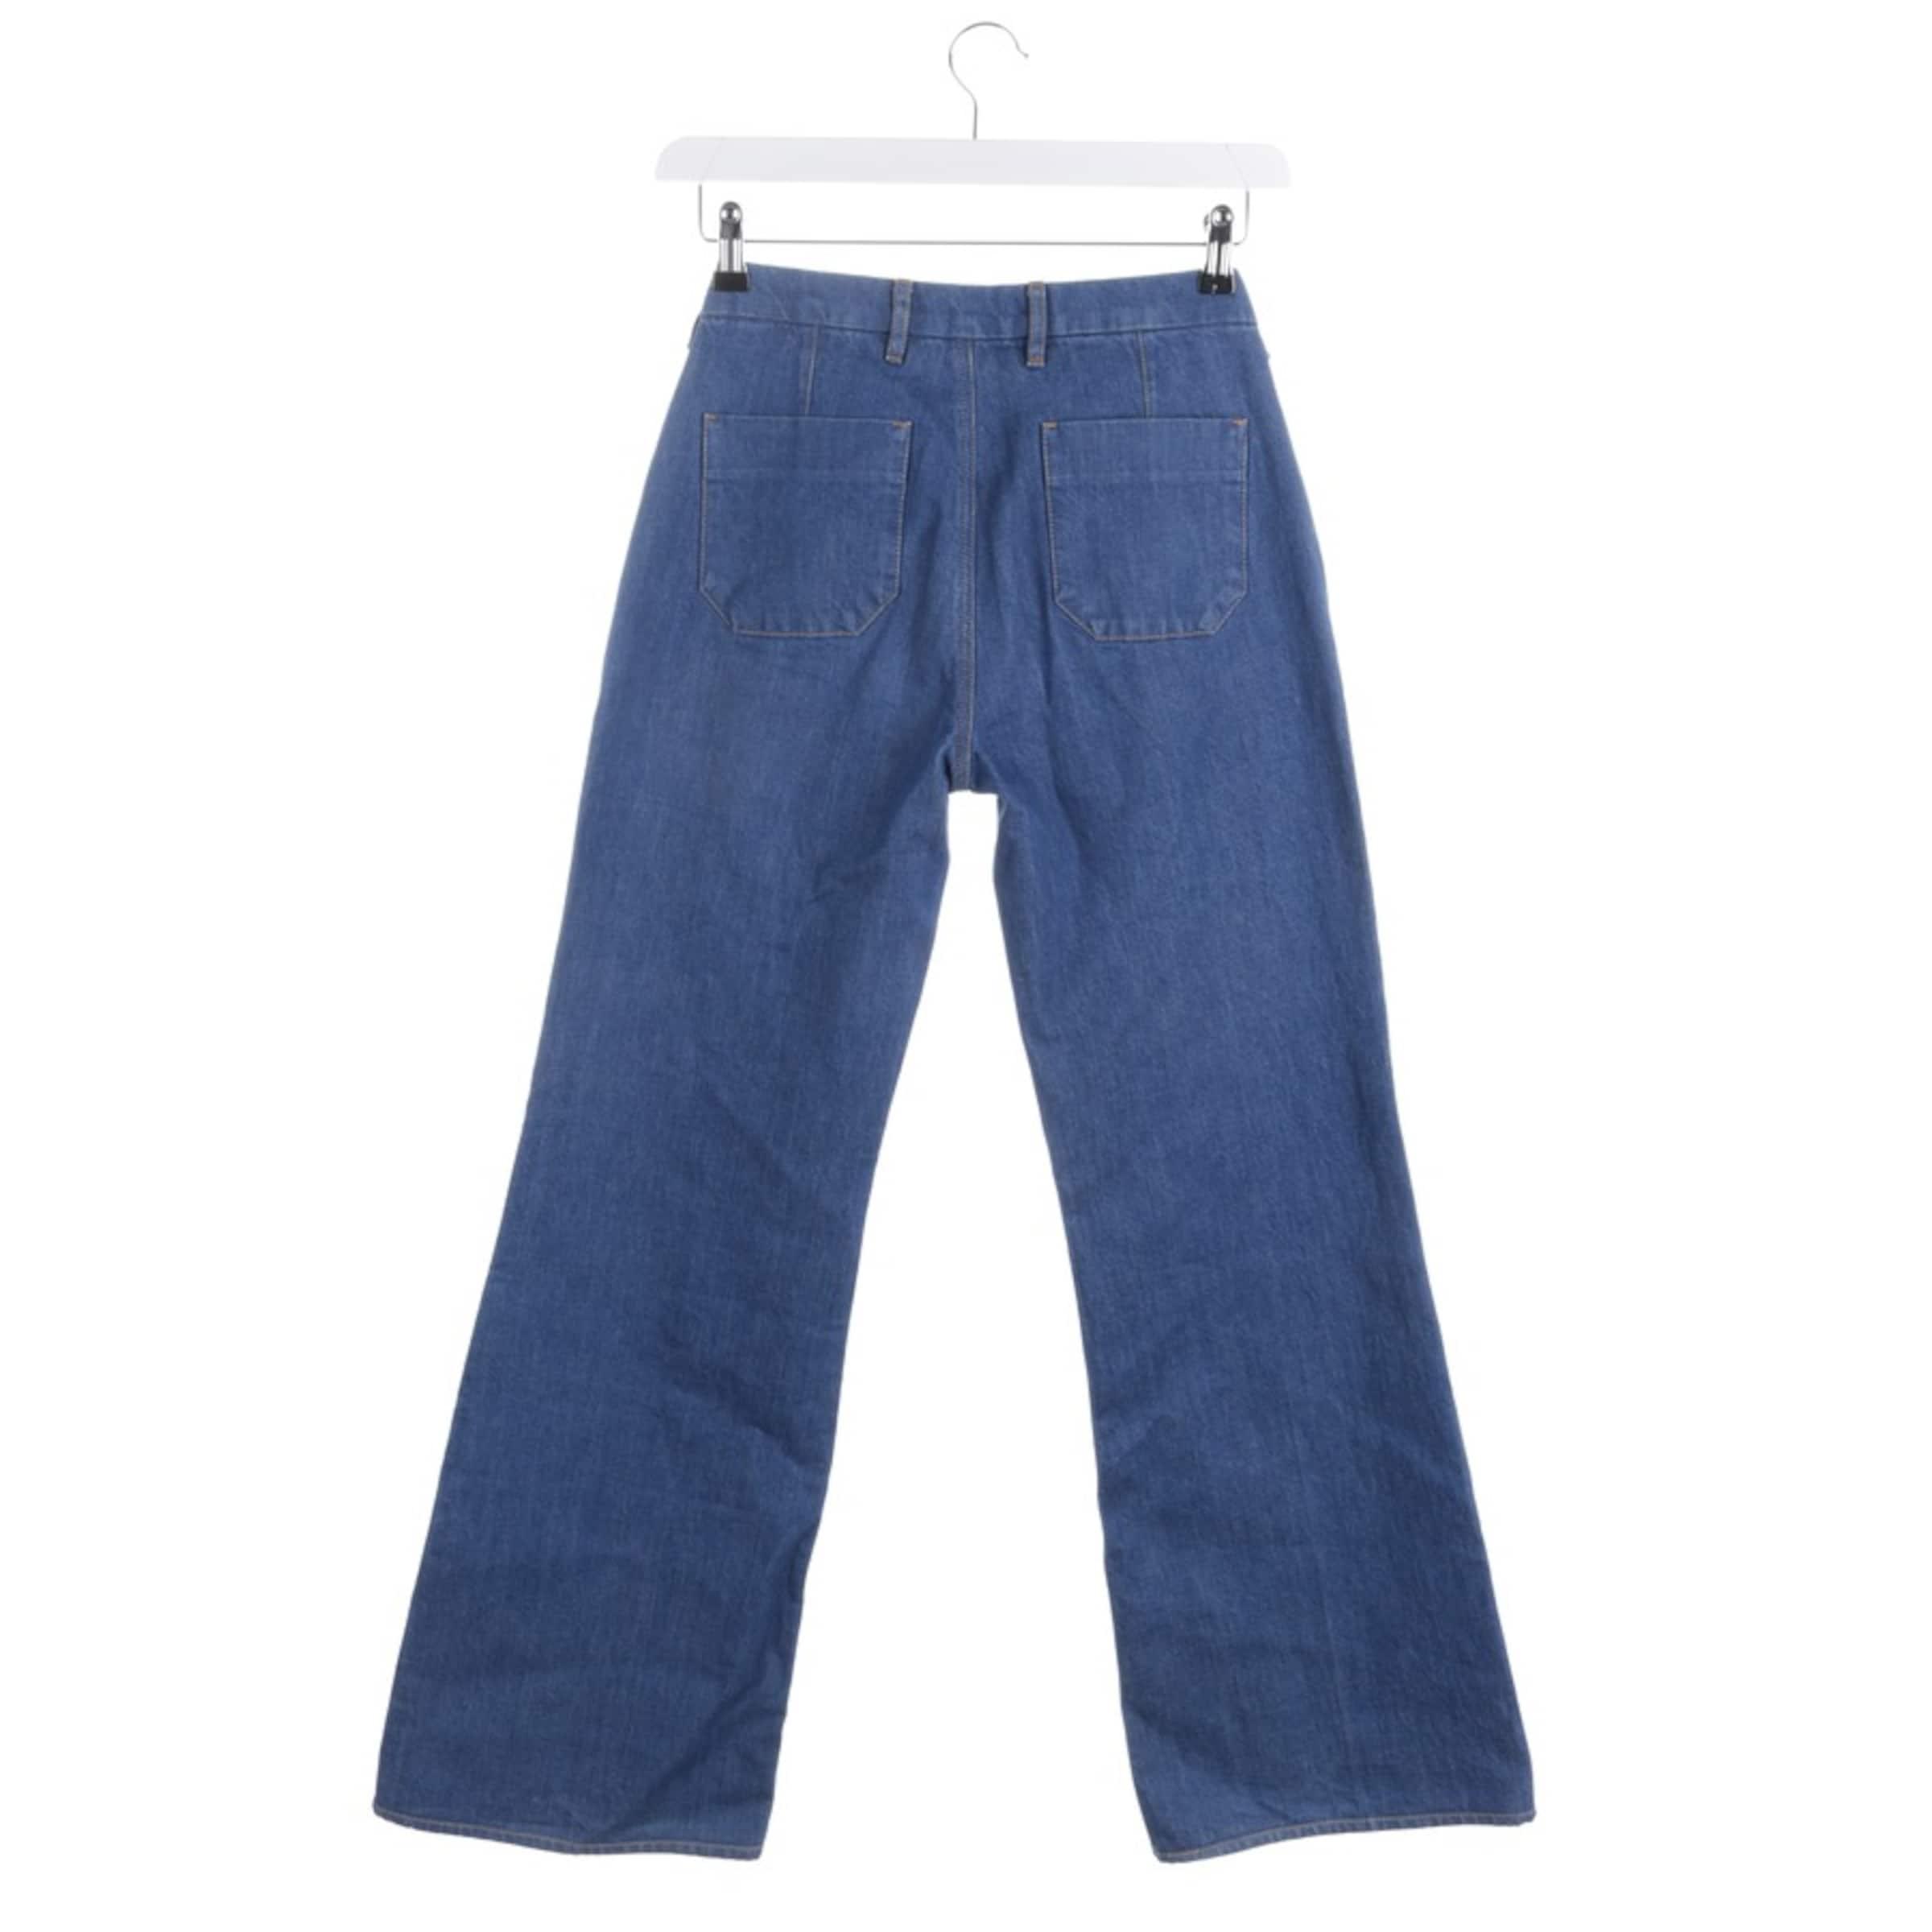 mih Jeans in S in indigo